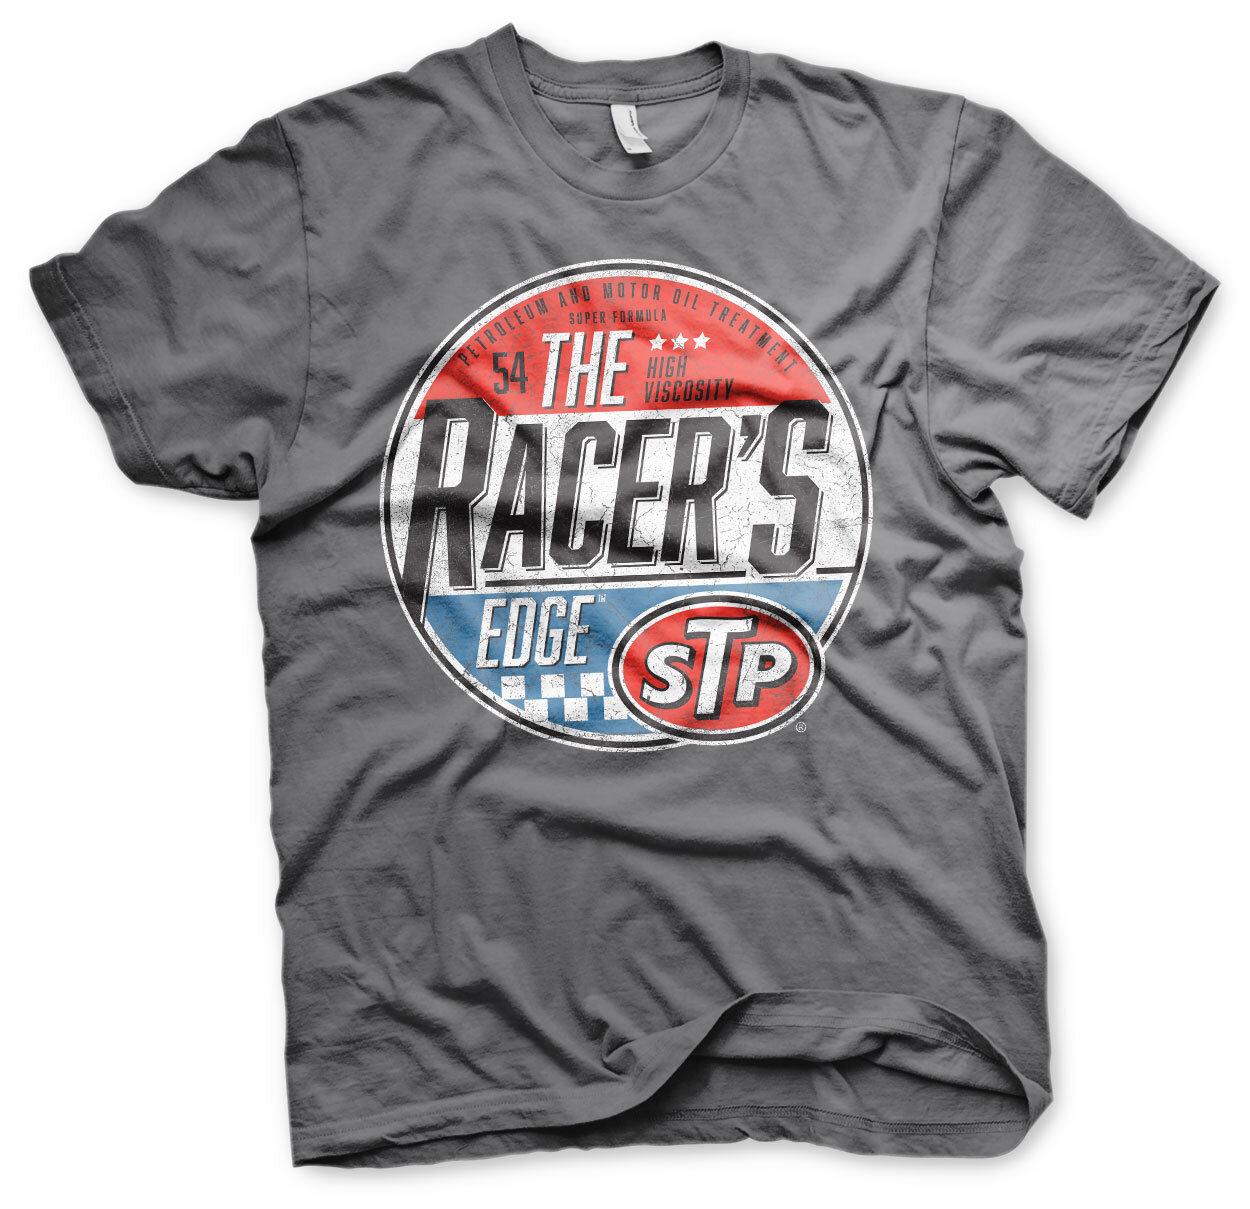 STP - The Racer's Edge T-Shirt